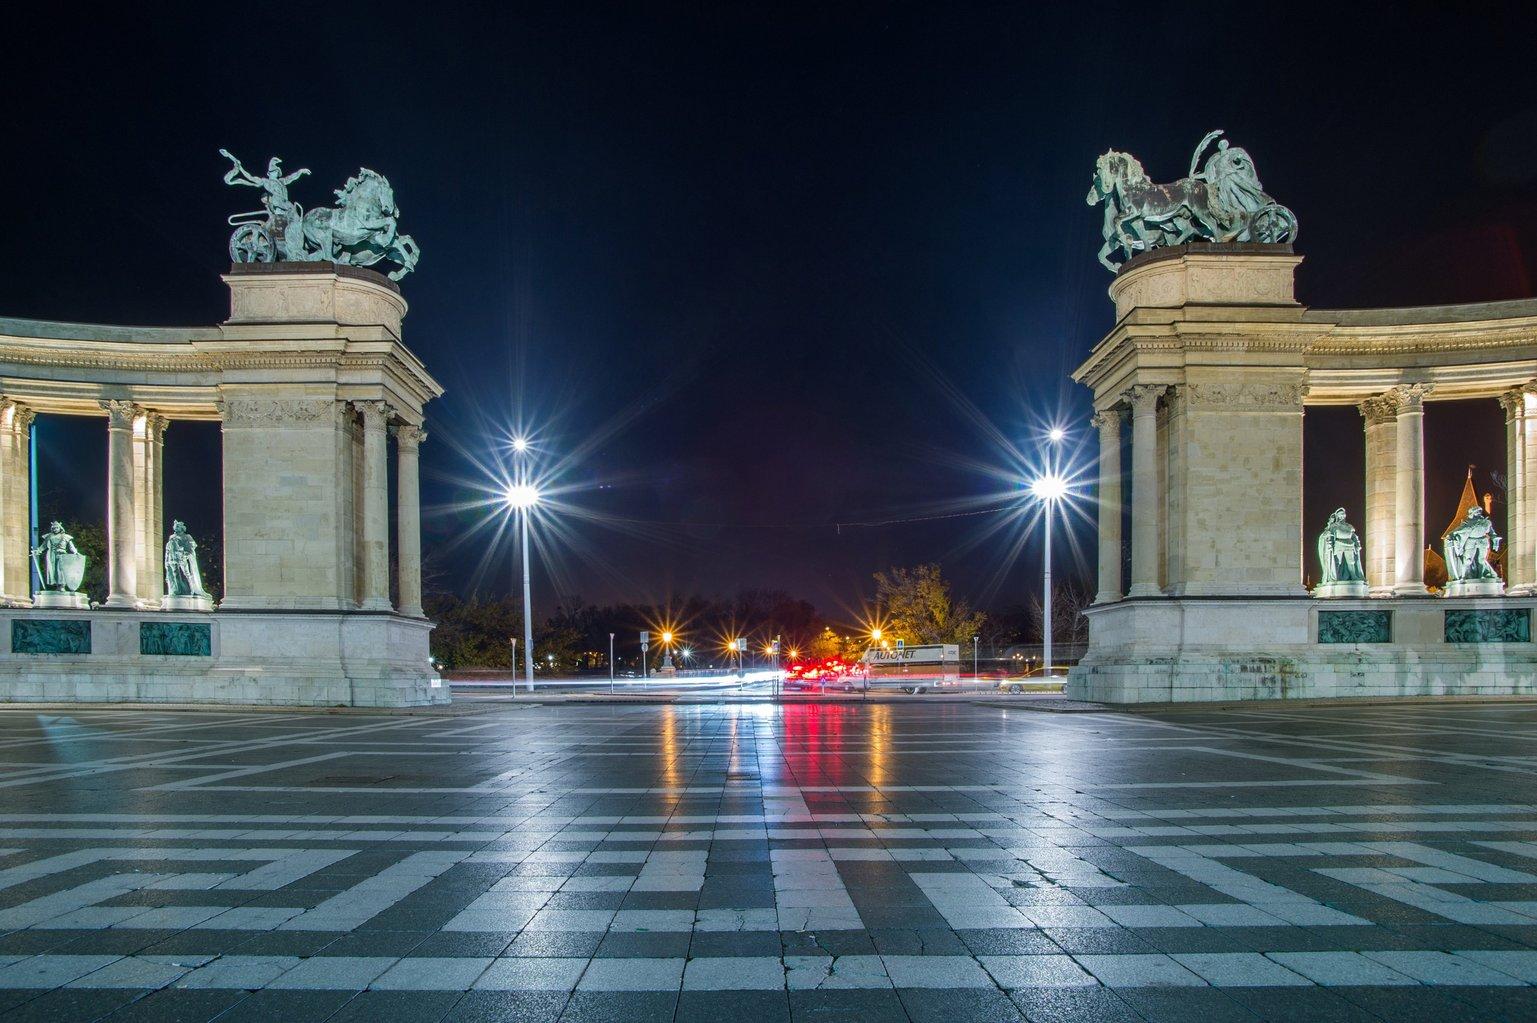 A Millenniumi emlékmű esti díszkivilágításban a fővárosi Hősök terén 2017. november 15-én. MTI Fotó: Balogh Zoltán